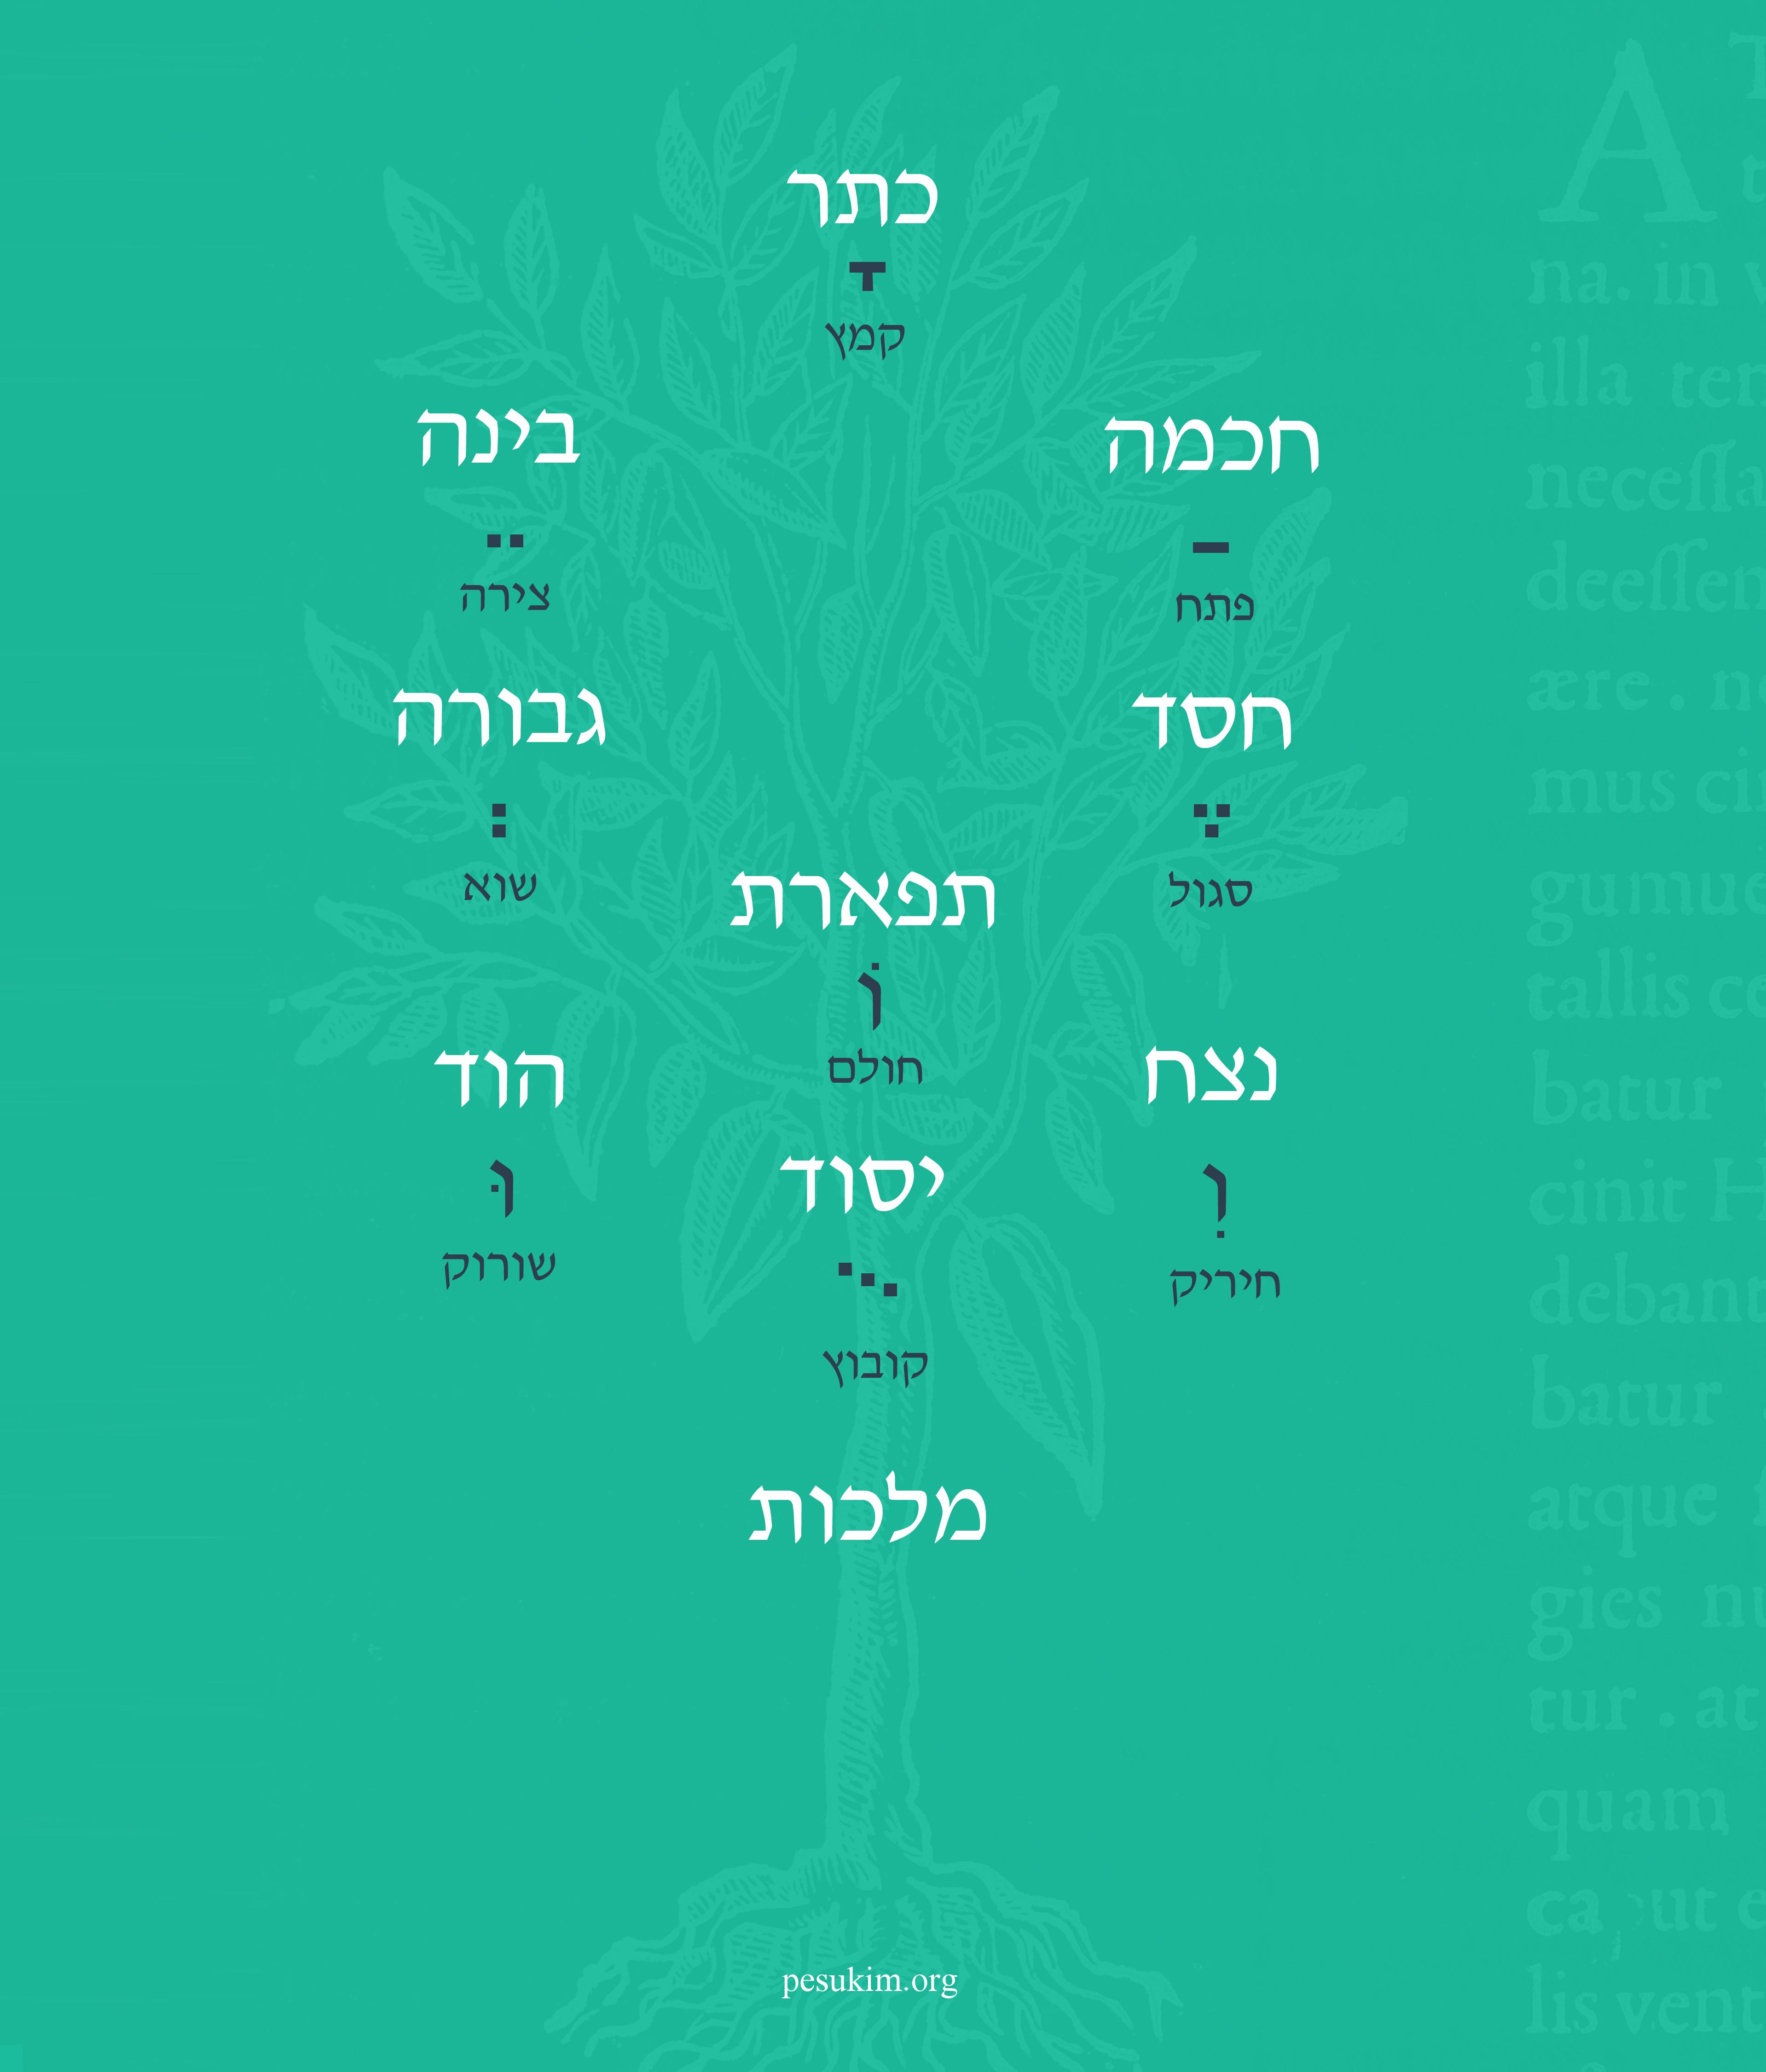 עץ חיים והשתלשלות הניקוד העברי ממנו